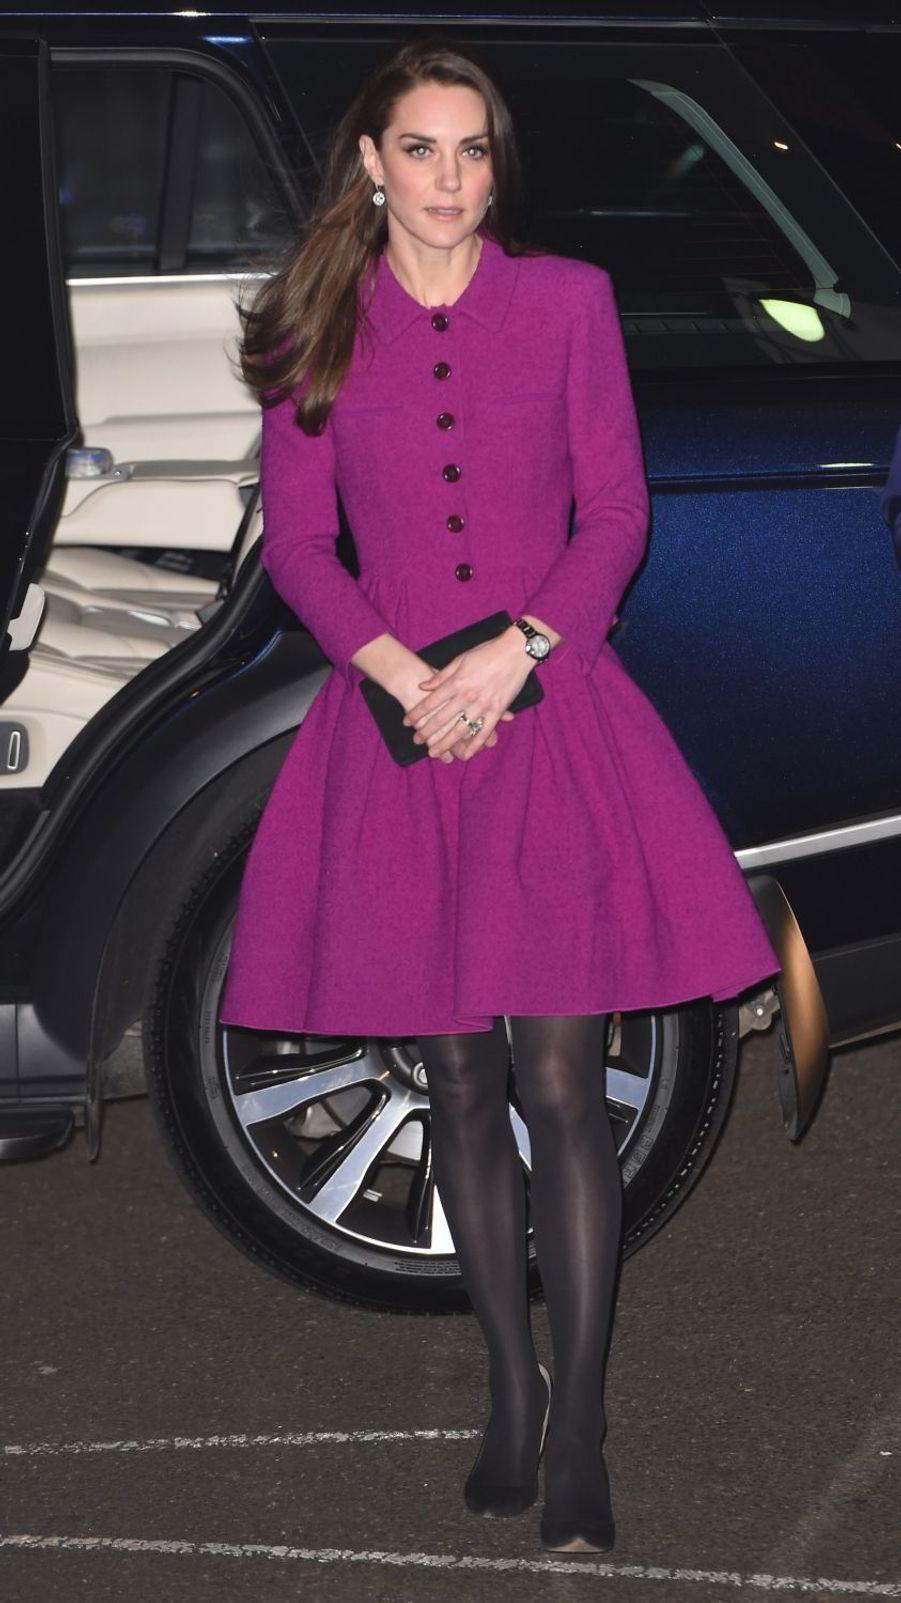 Người ta diện đồ màu chóe thì sến sẩm nhưng Công nương Kate mặc lên lại sang trọng và cuốn hút đến lạ-2